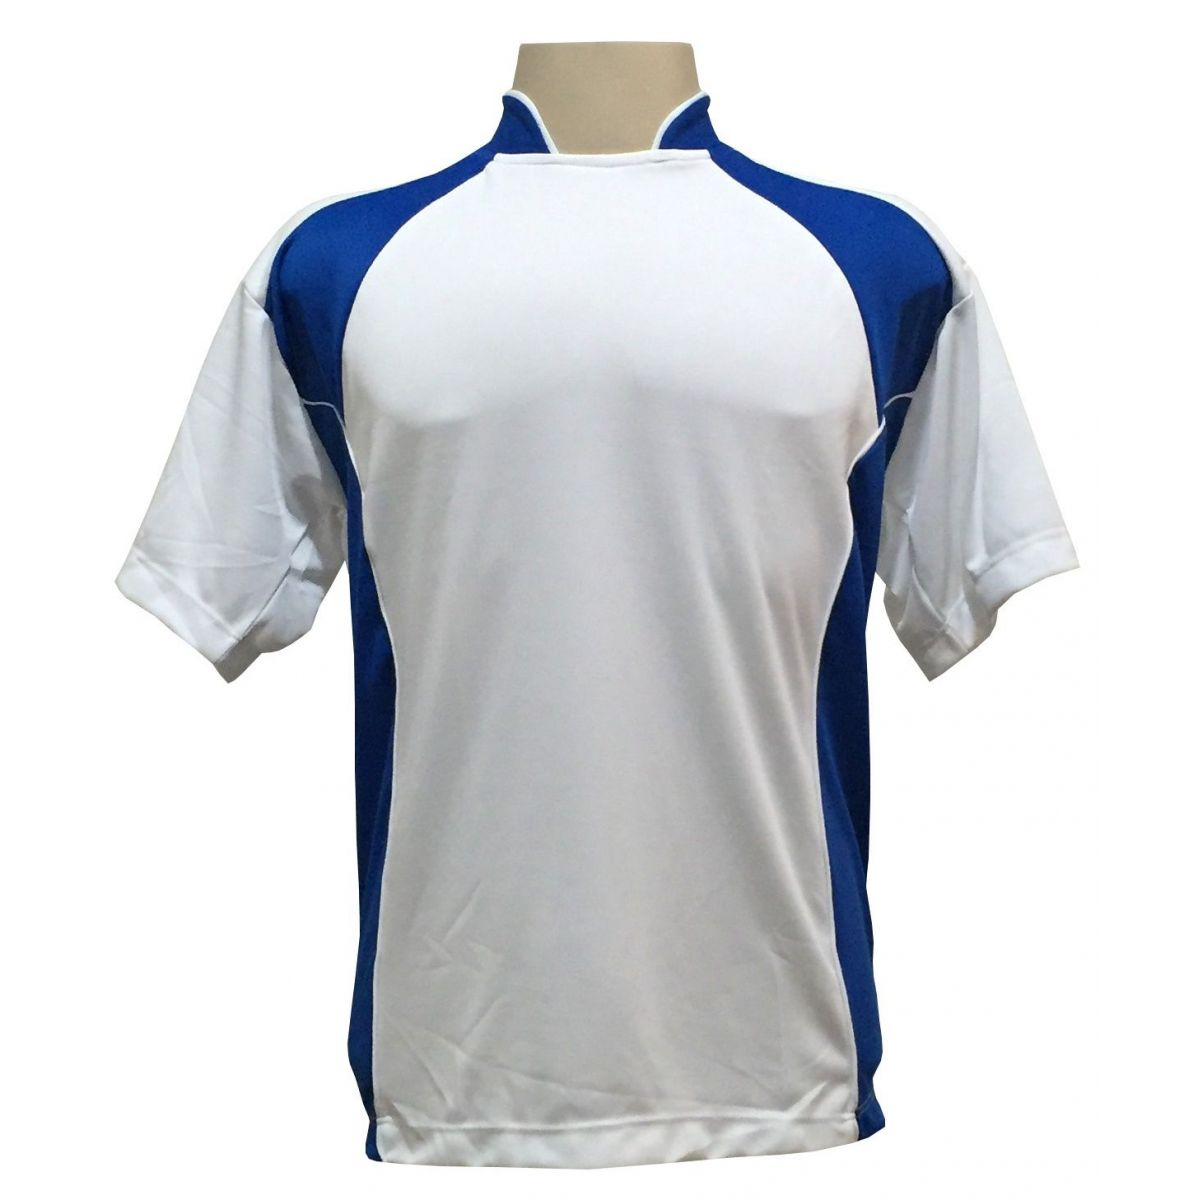 Jogo de Camisa com 14 unidades modelo Suécia Branco/Royal